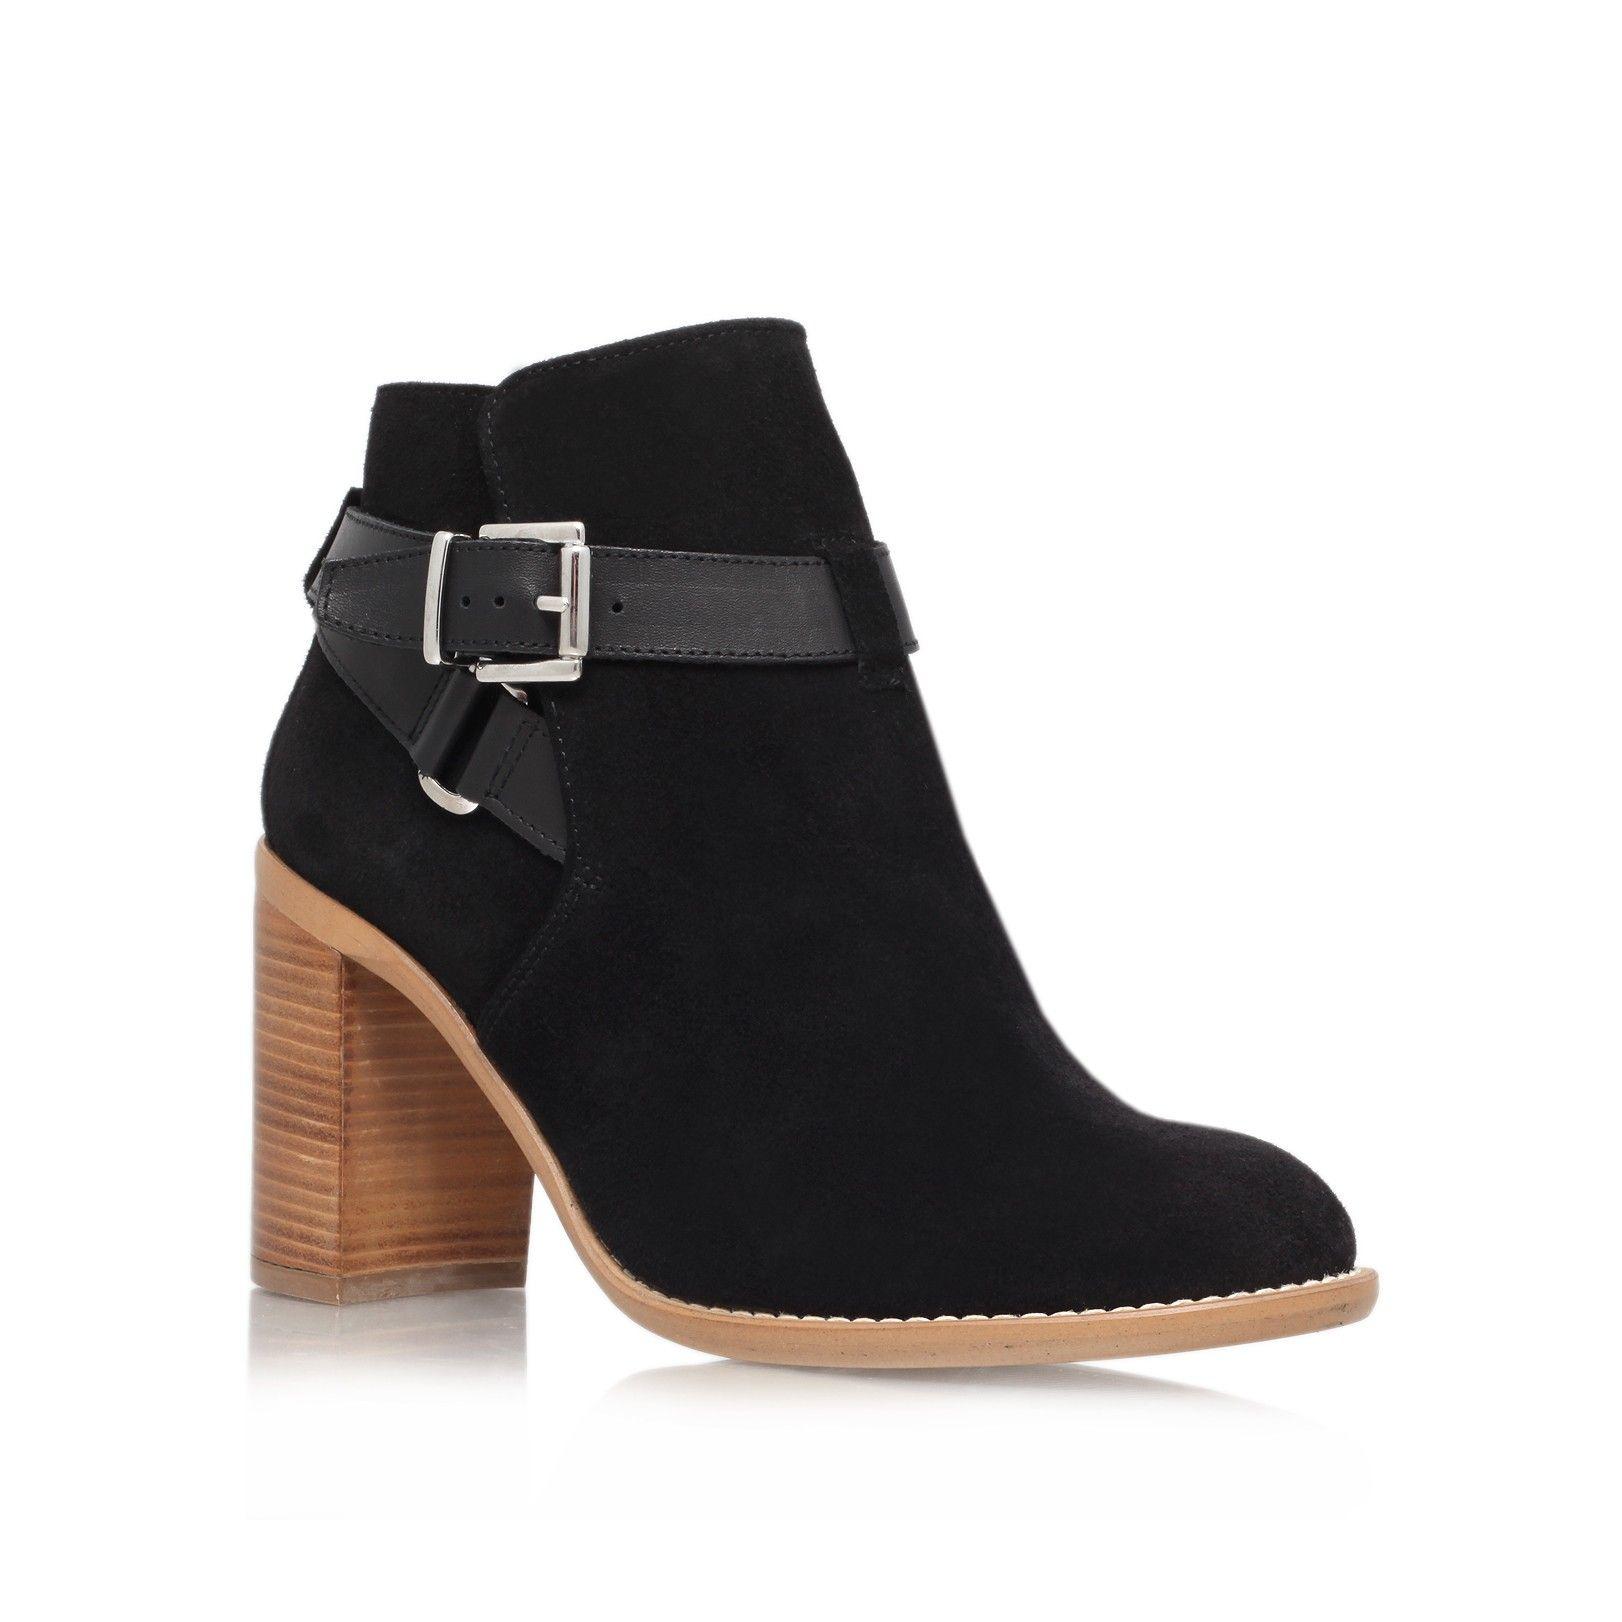 2016 Hot Sale Kg By Kurt Geiger Rocky Tassel Detail Ankle Boots Women Black Suede HMSJA84